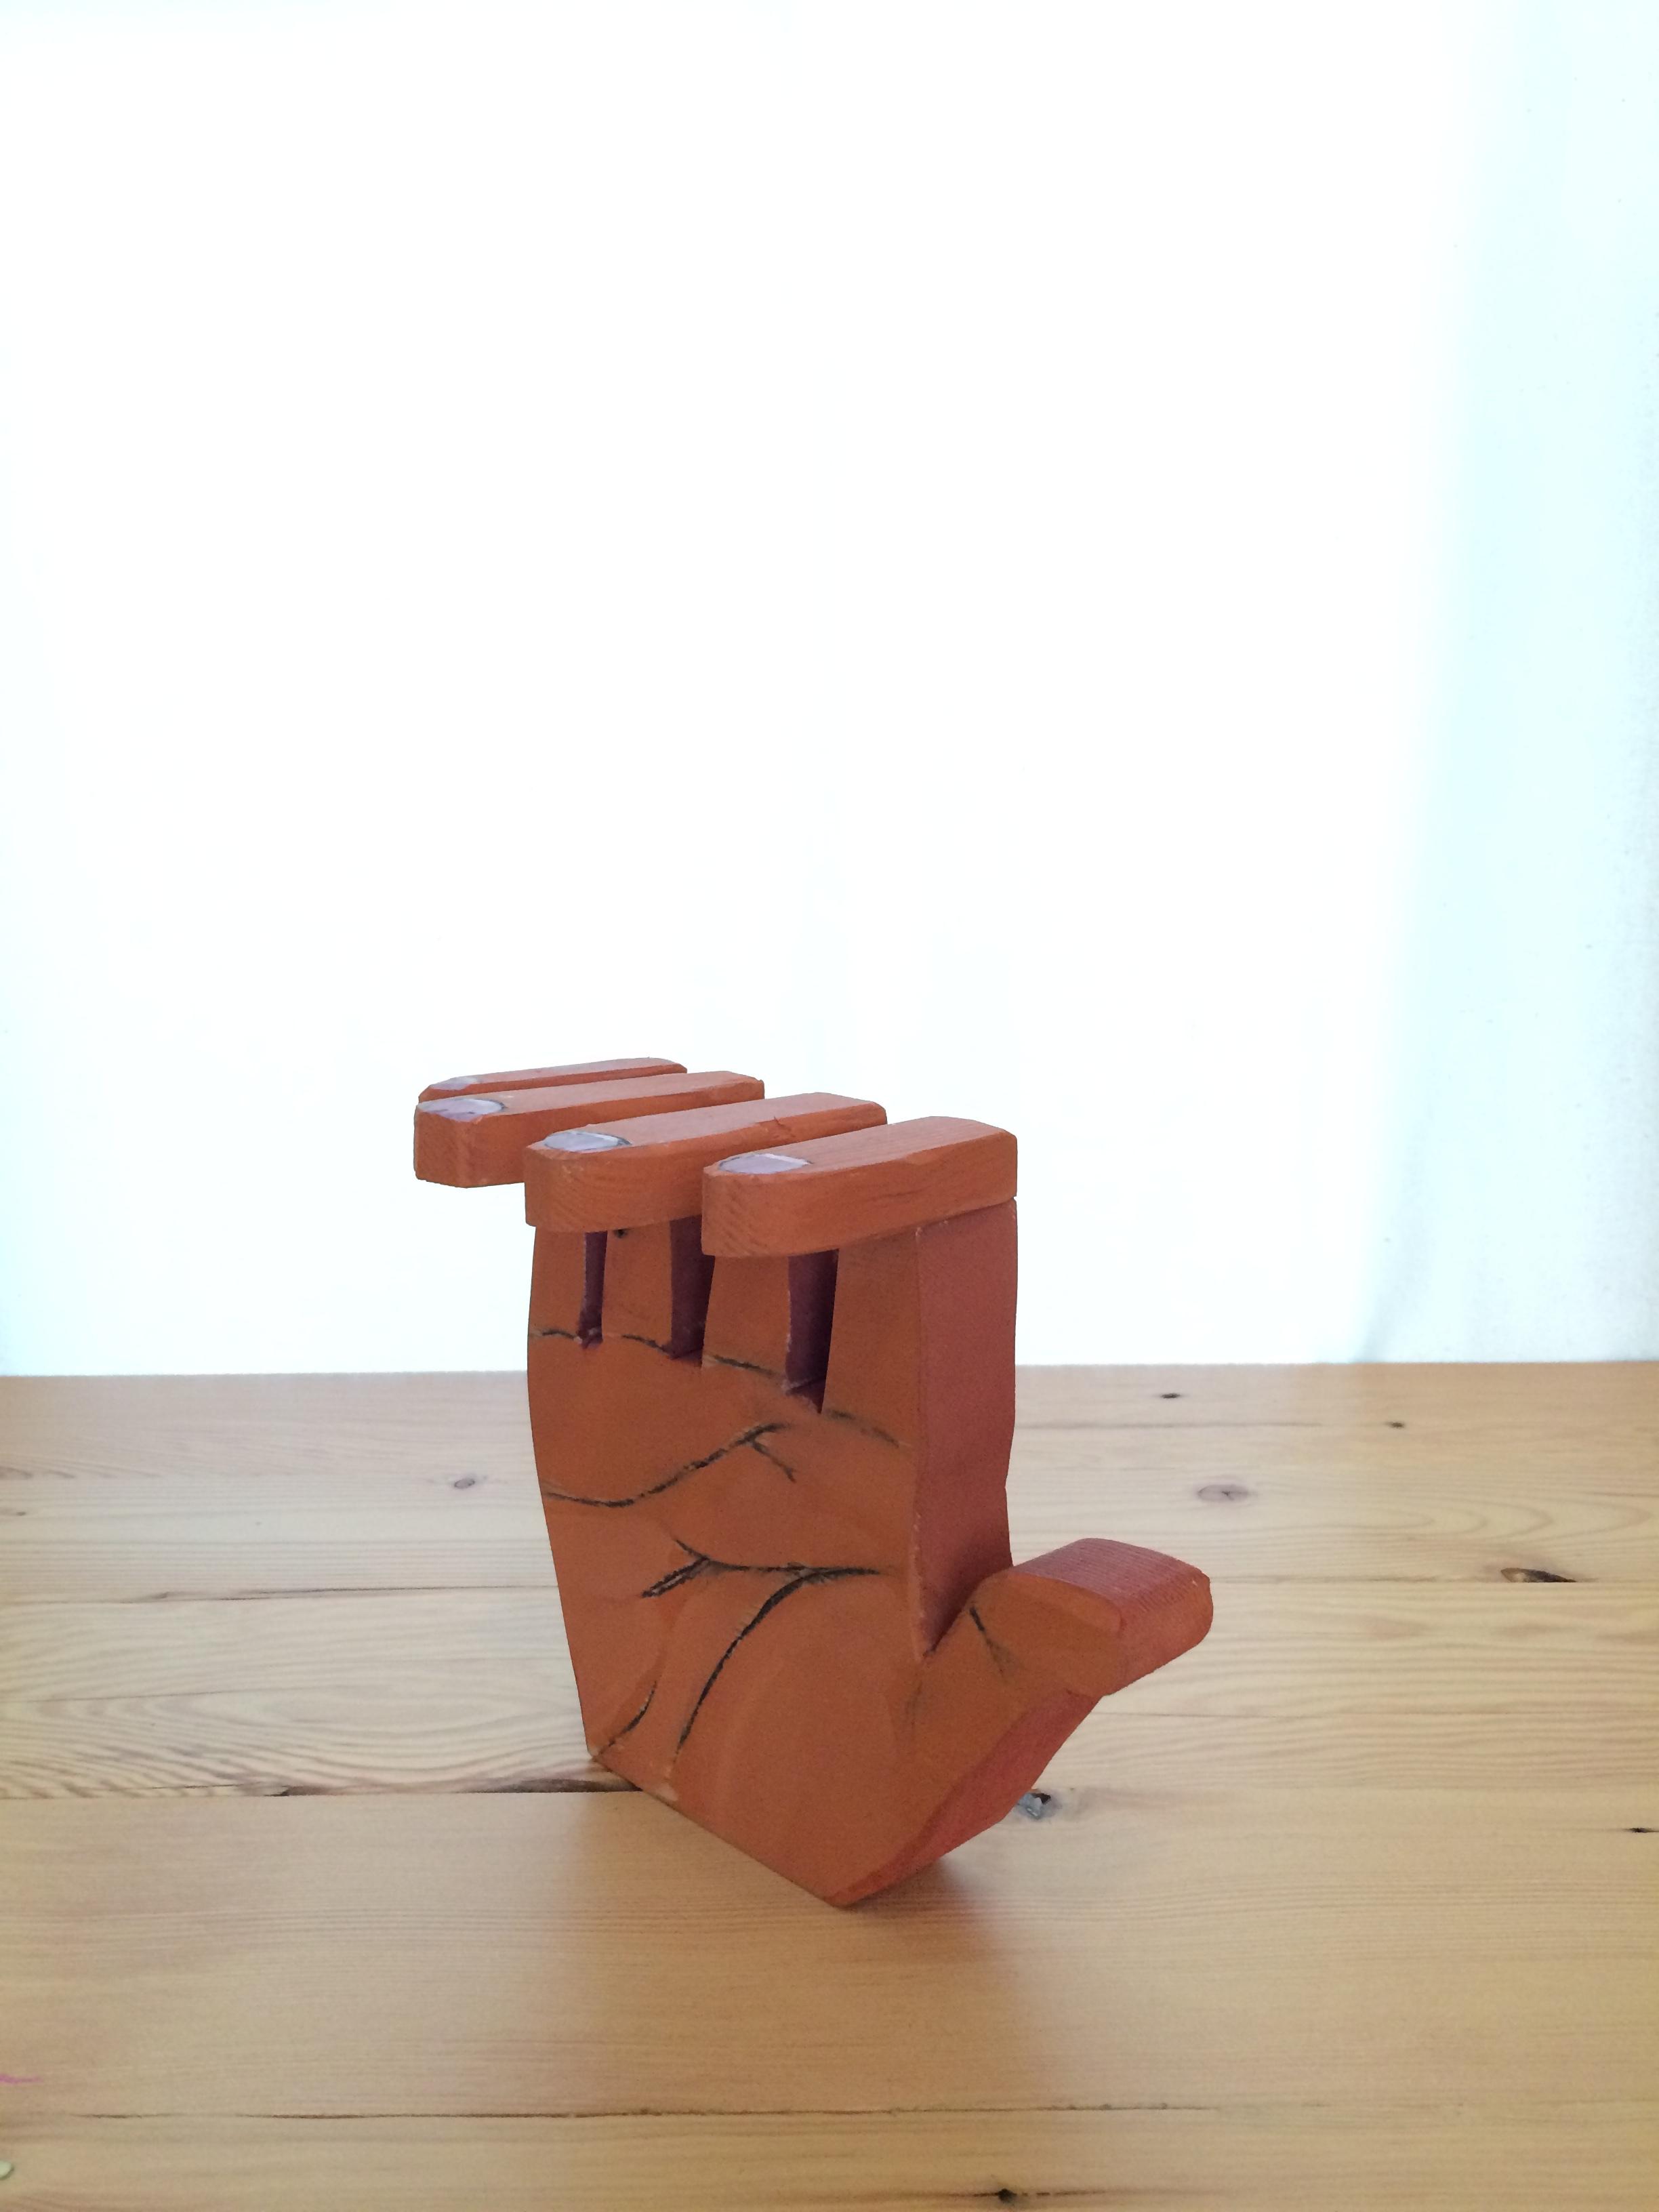 Orange Hand   2016  Fir, Flashe, charcoal